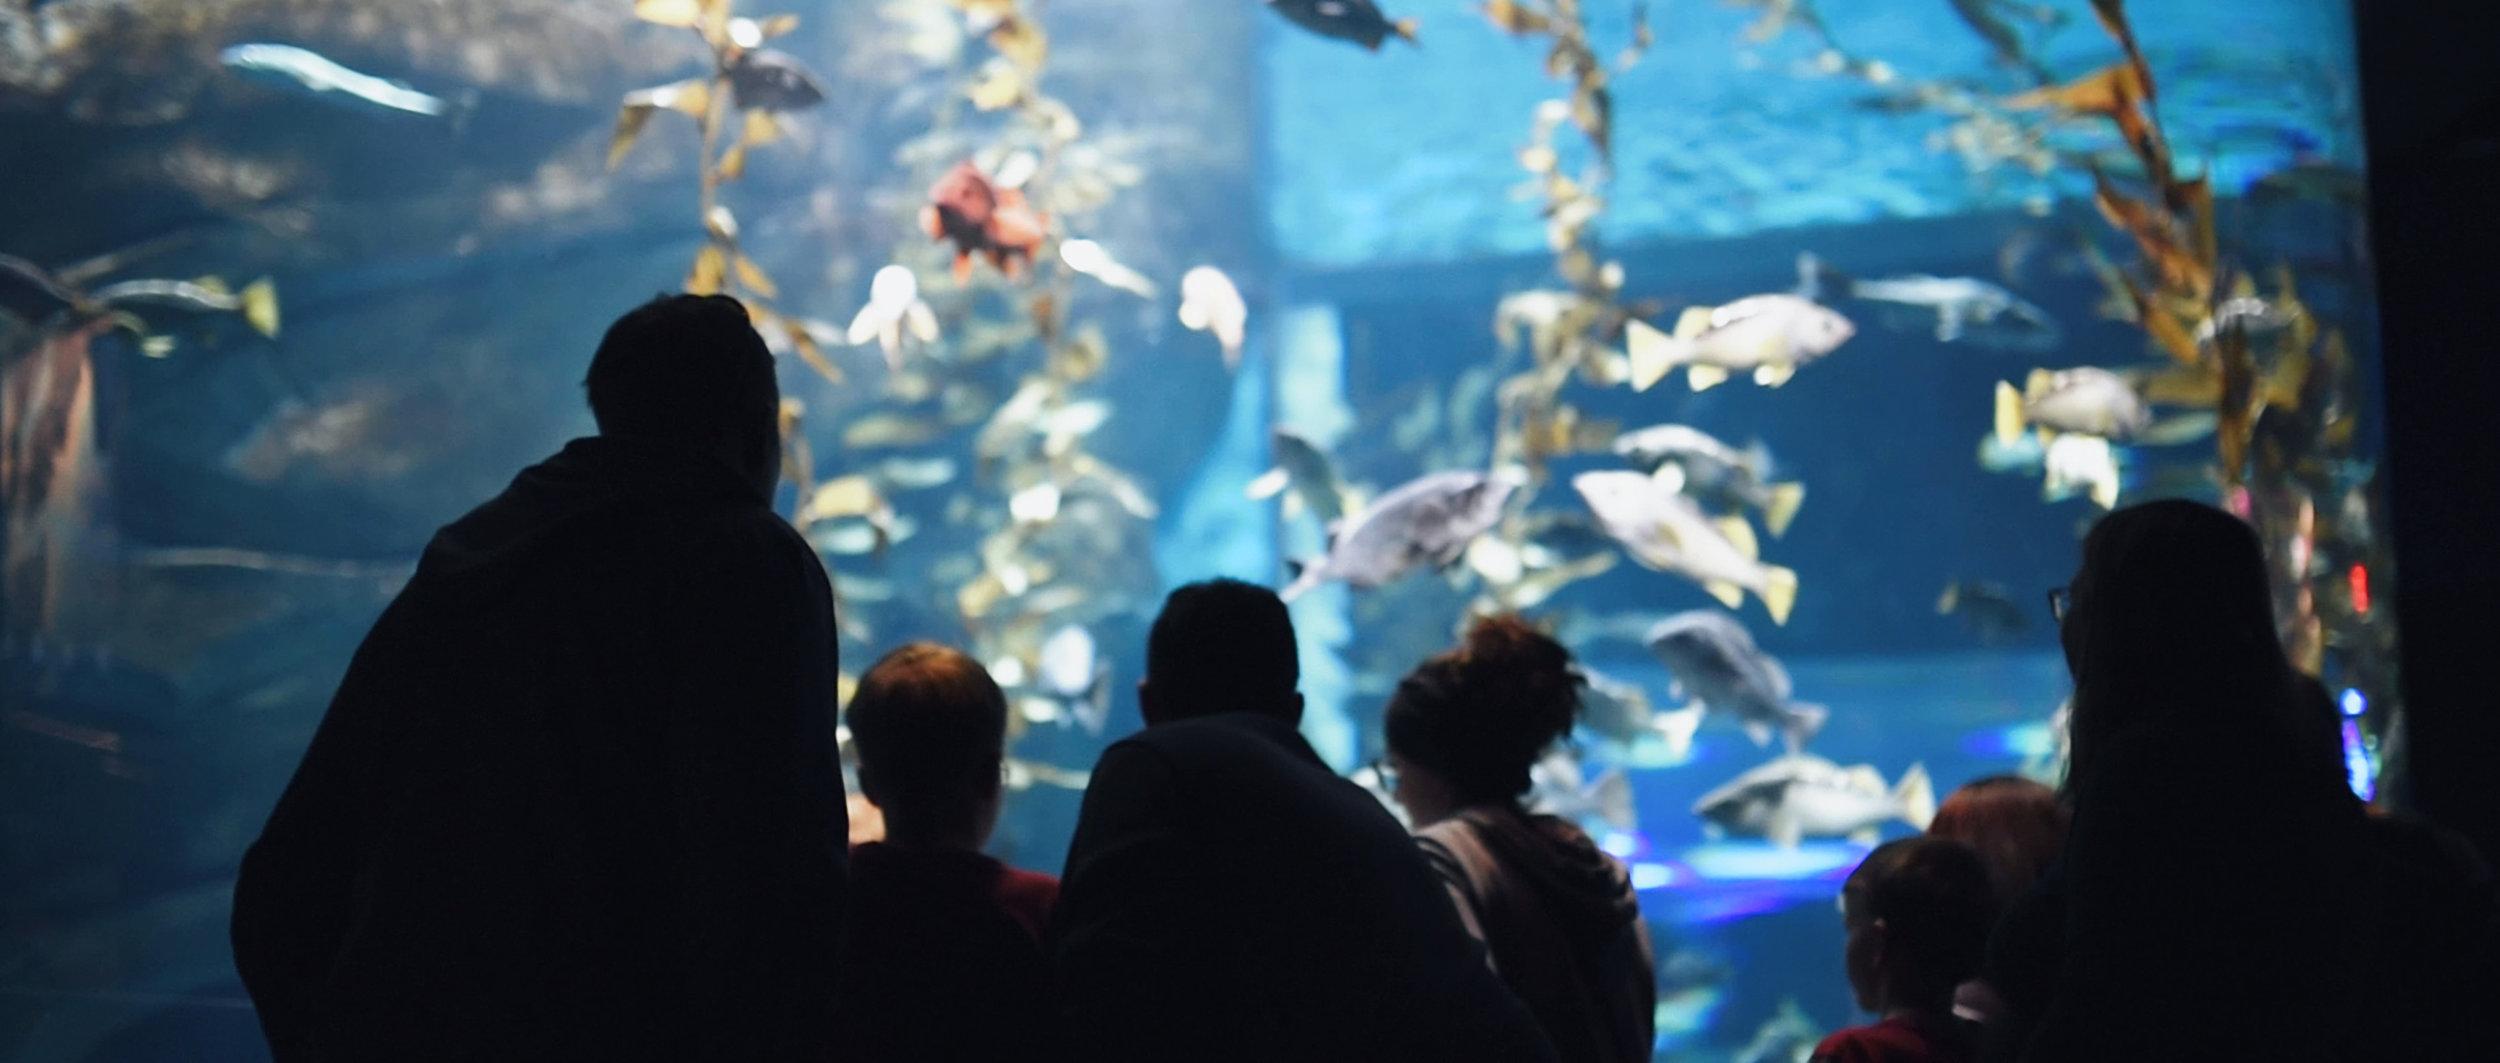 Ripley's Aquarium Film.00_01_29_11.Still006.jpg